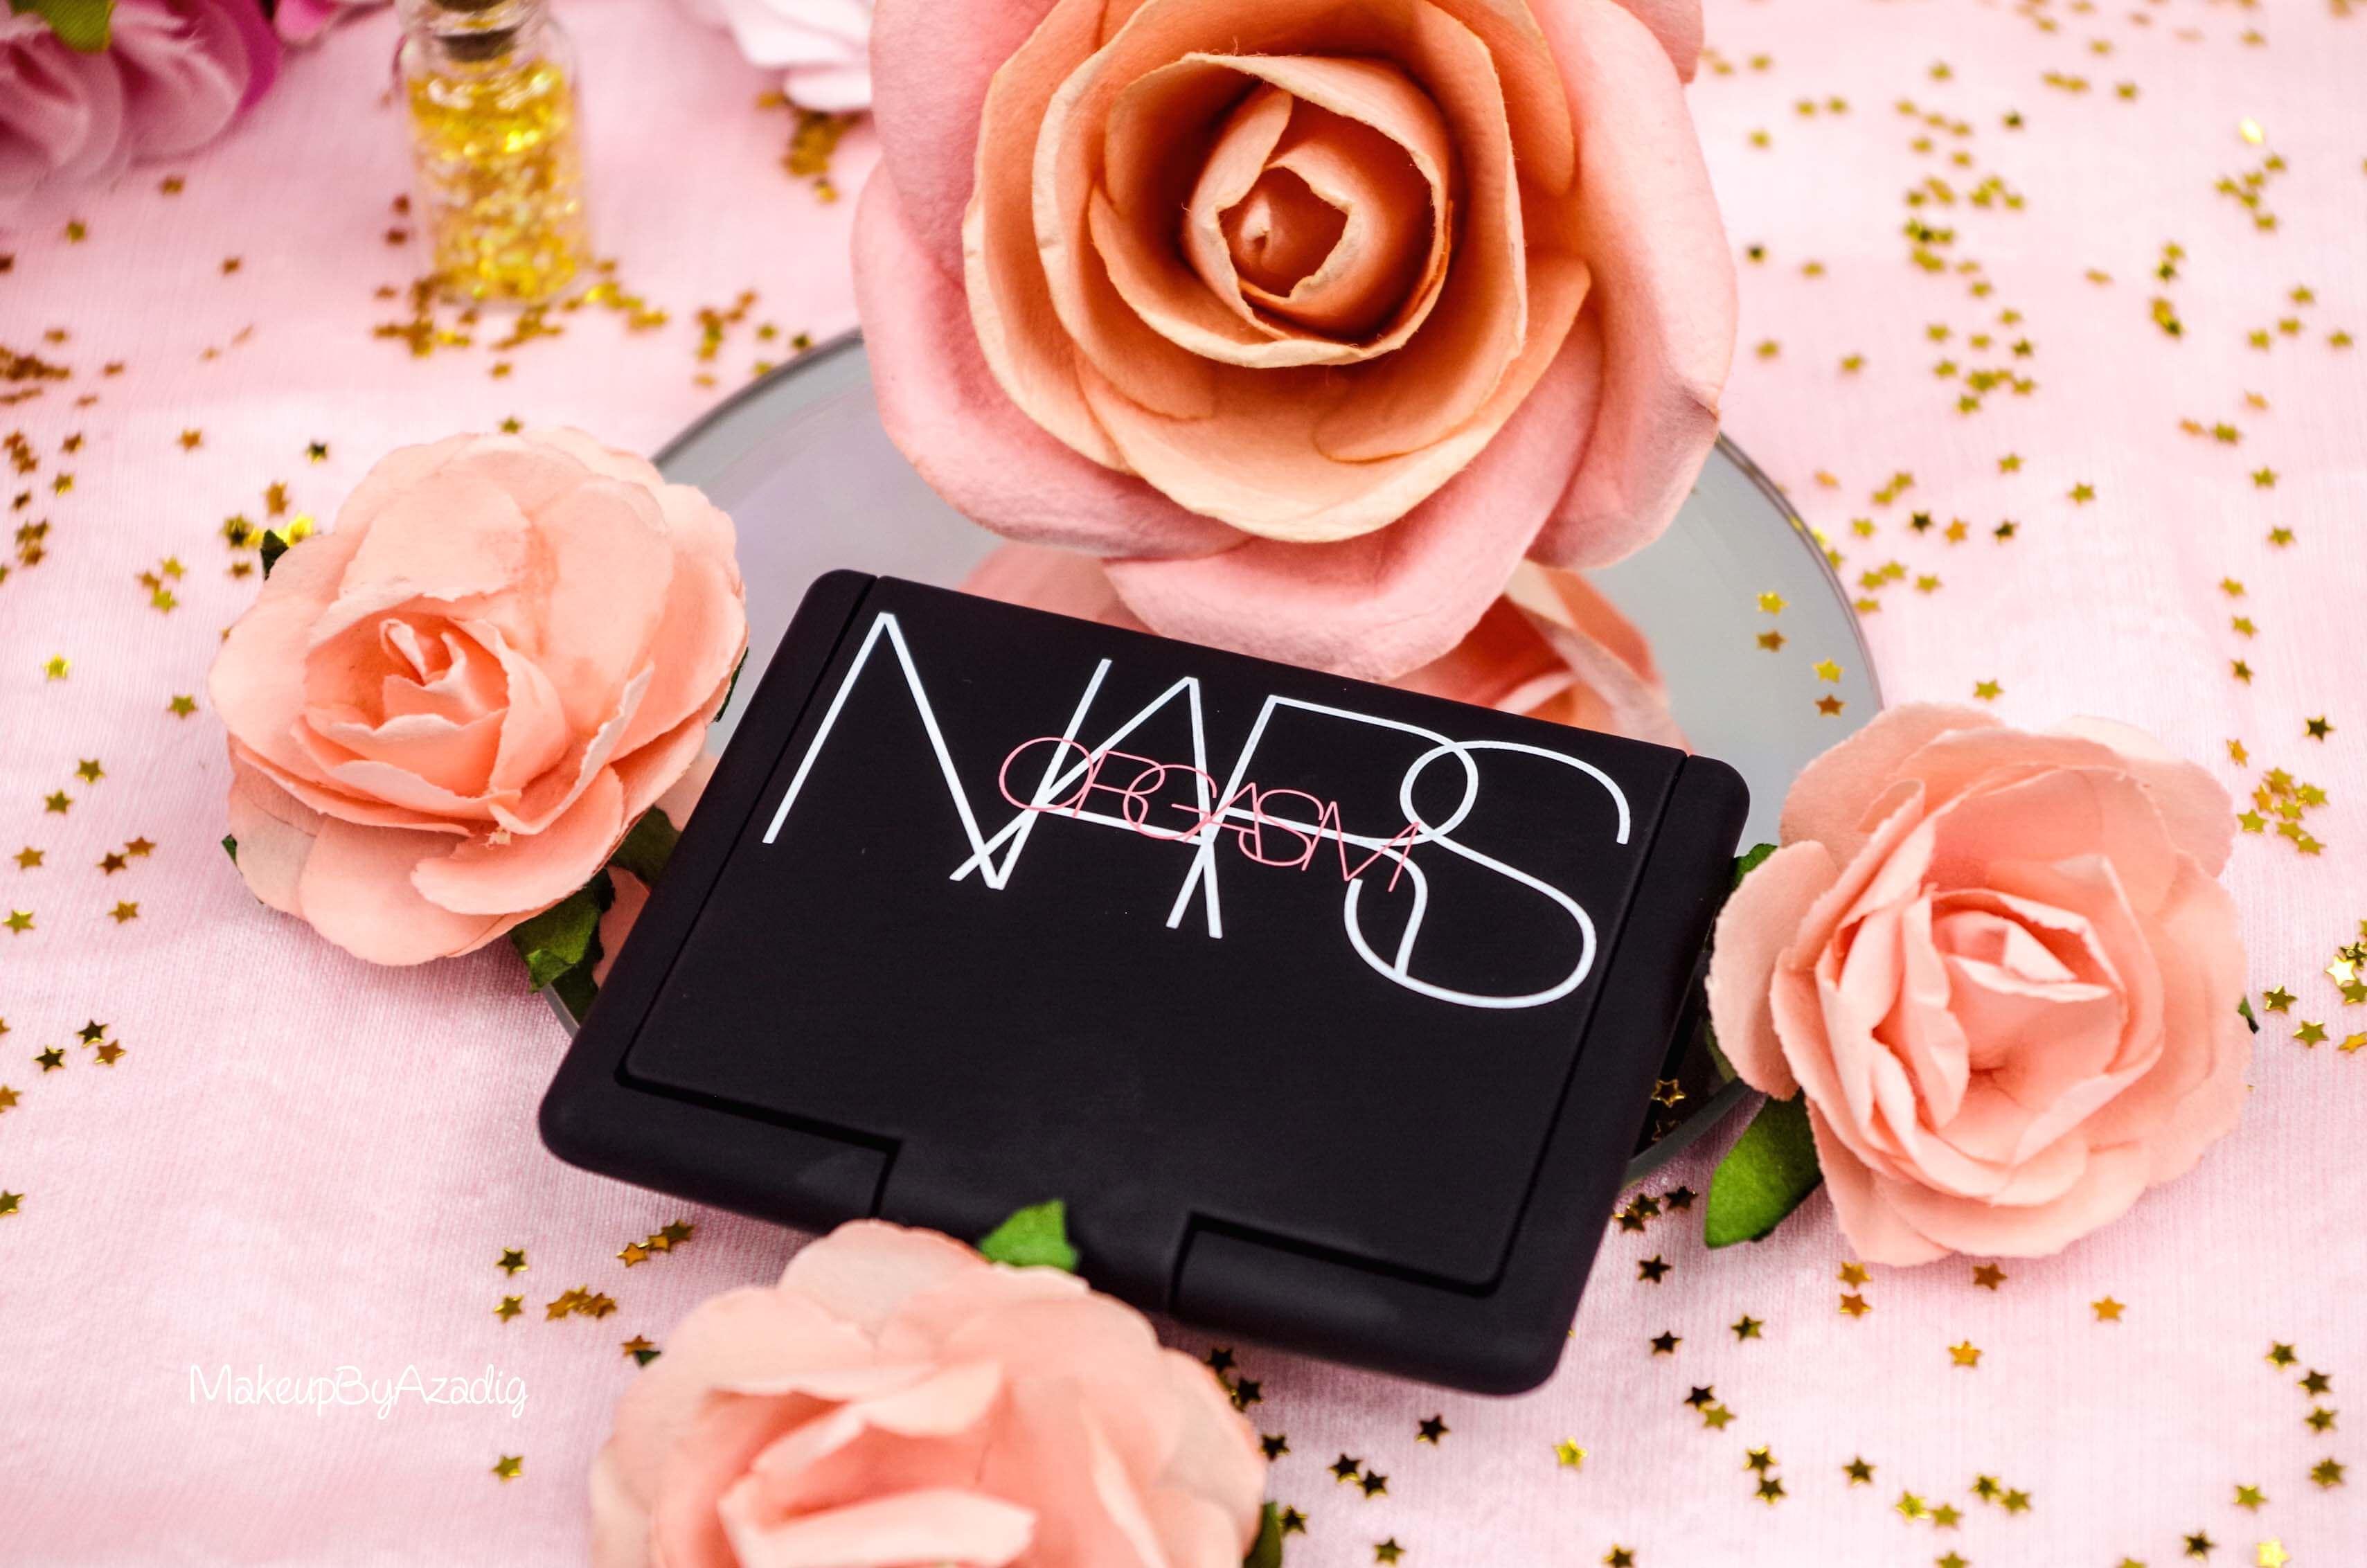 blush-liquide-orgasm-rouge-a-levres-illuminateur-highlighter-rosegold-nars-spring-makeupbyazadig